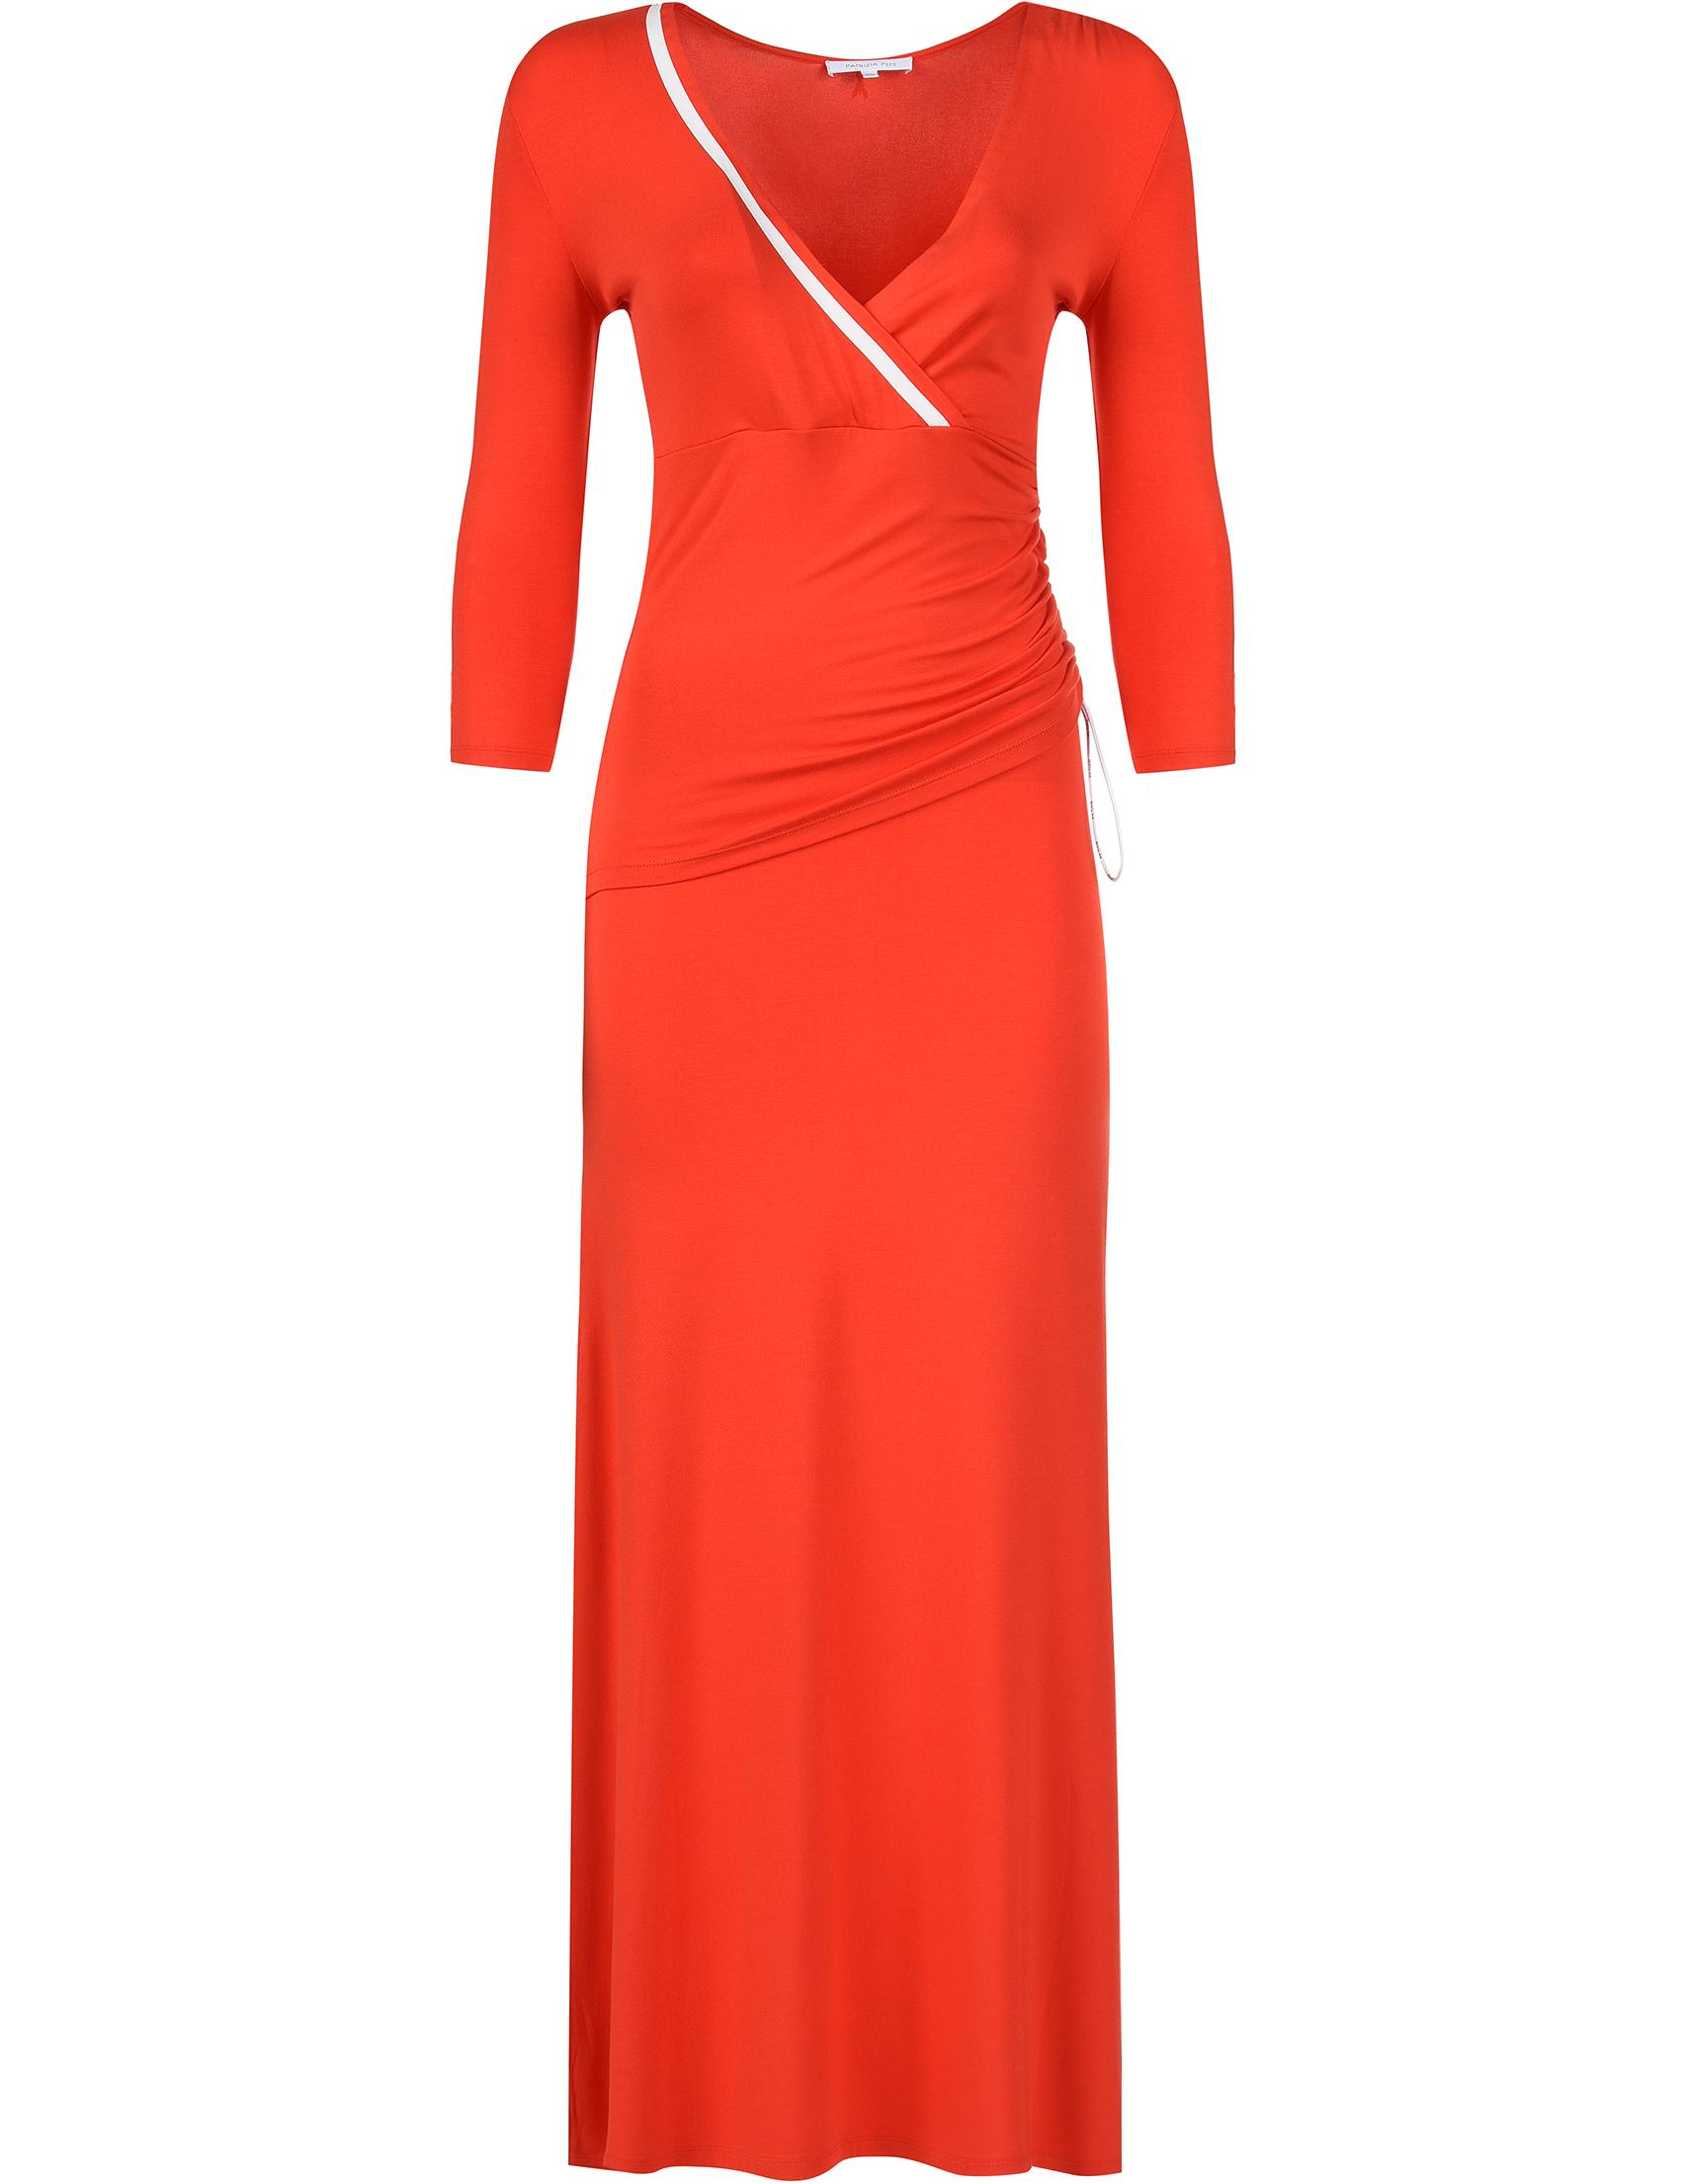 Купить Платье, PATRIZIA PEPE, Красный, 95%Вискоза 5%Эластан, Весна-Лето